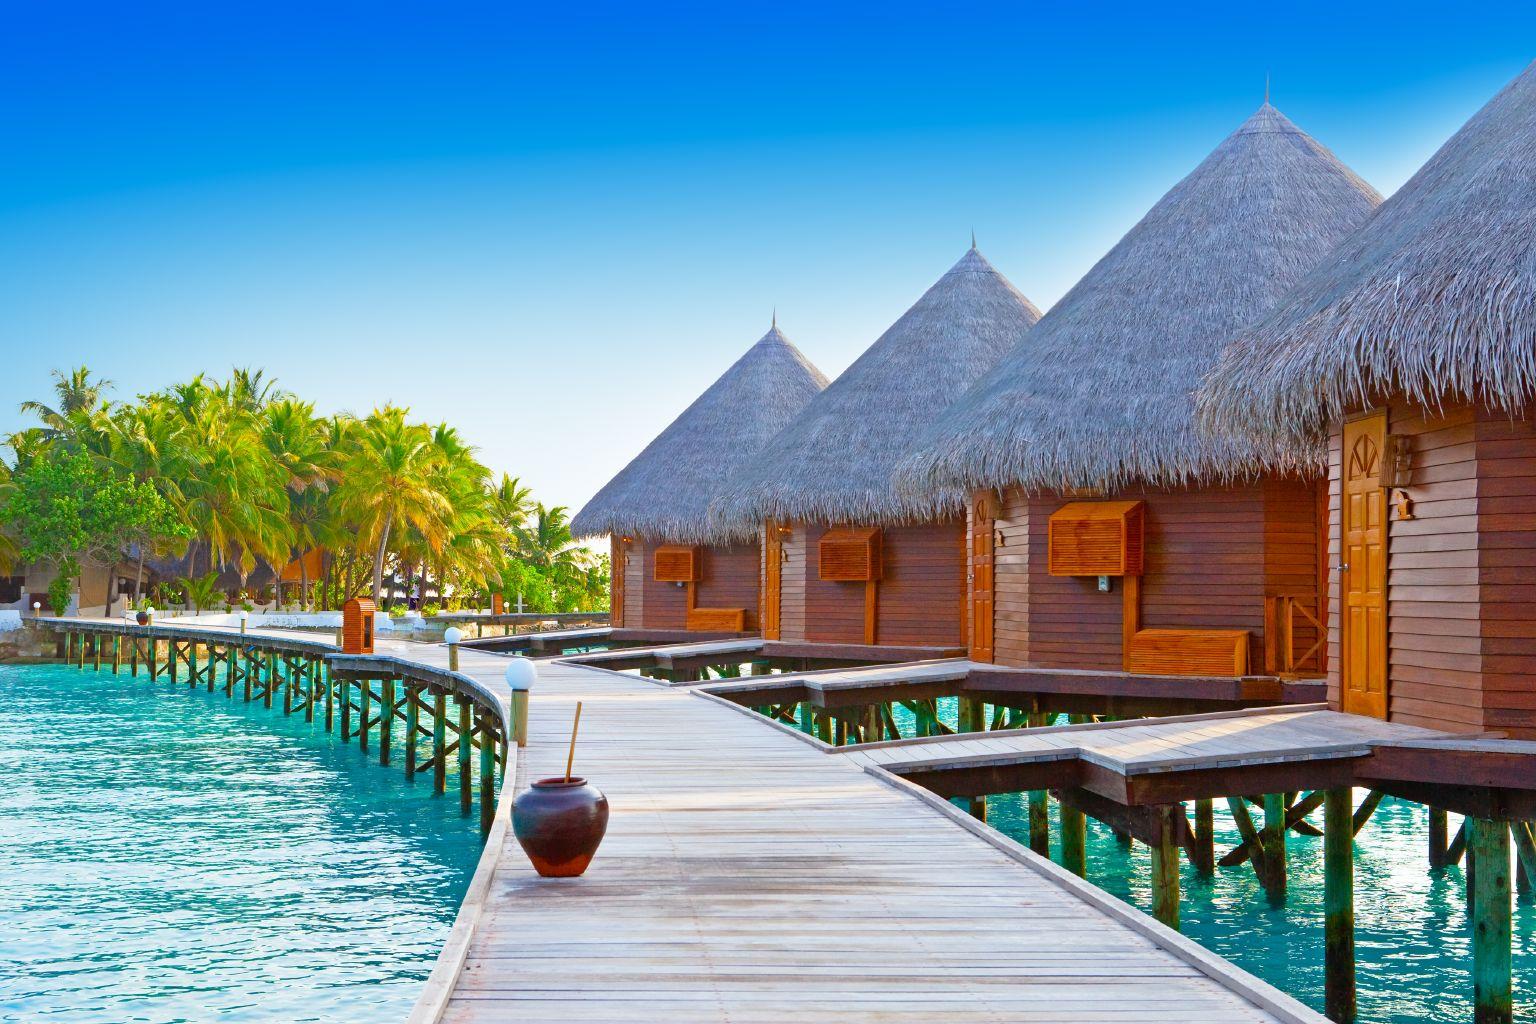 Akce Flydubai: Maledivy 11000 Kč, Goa 9000 Kč a další